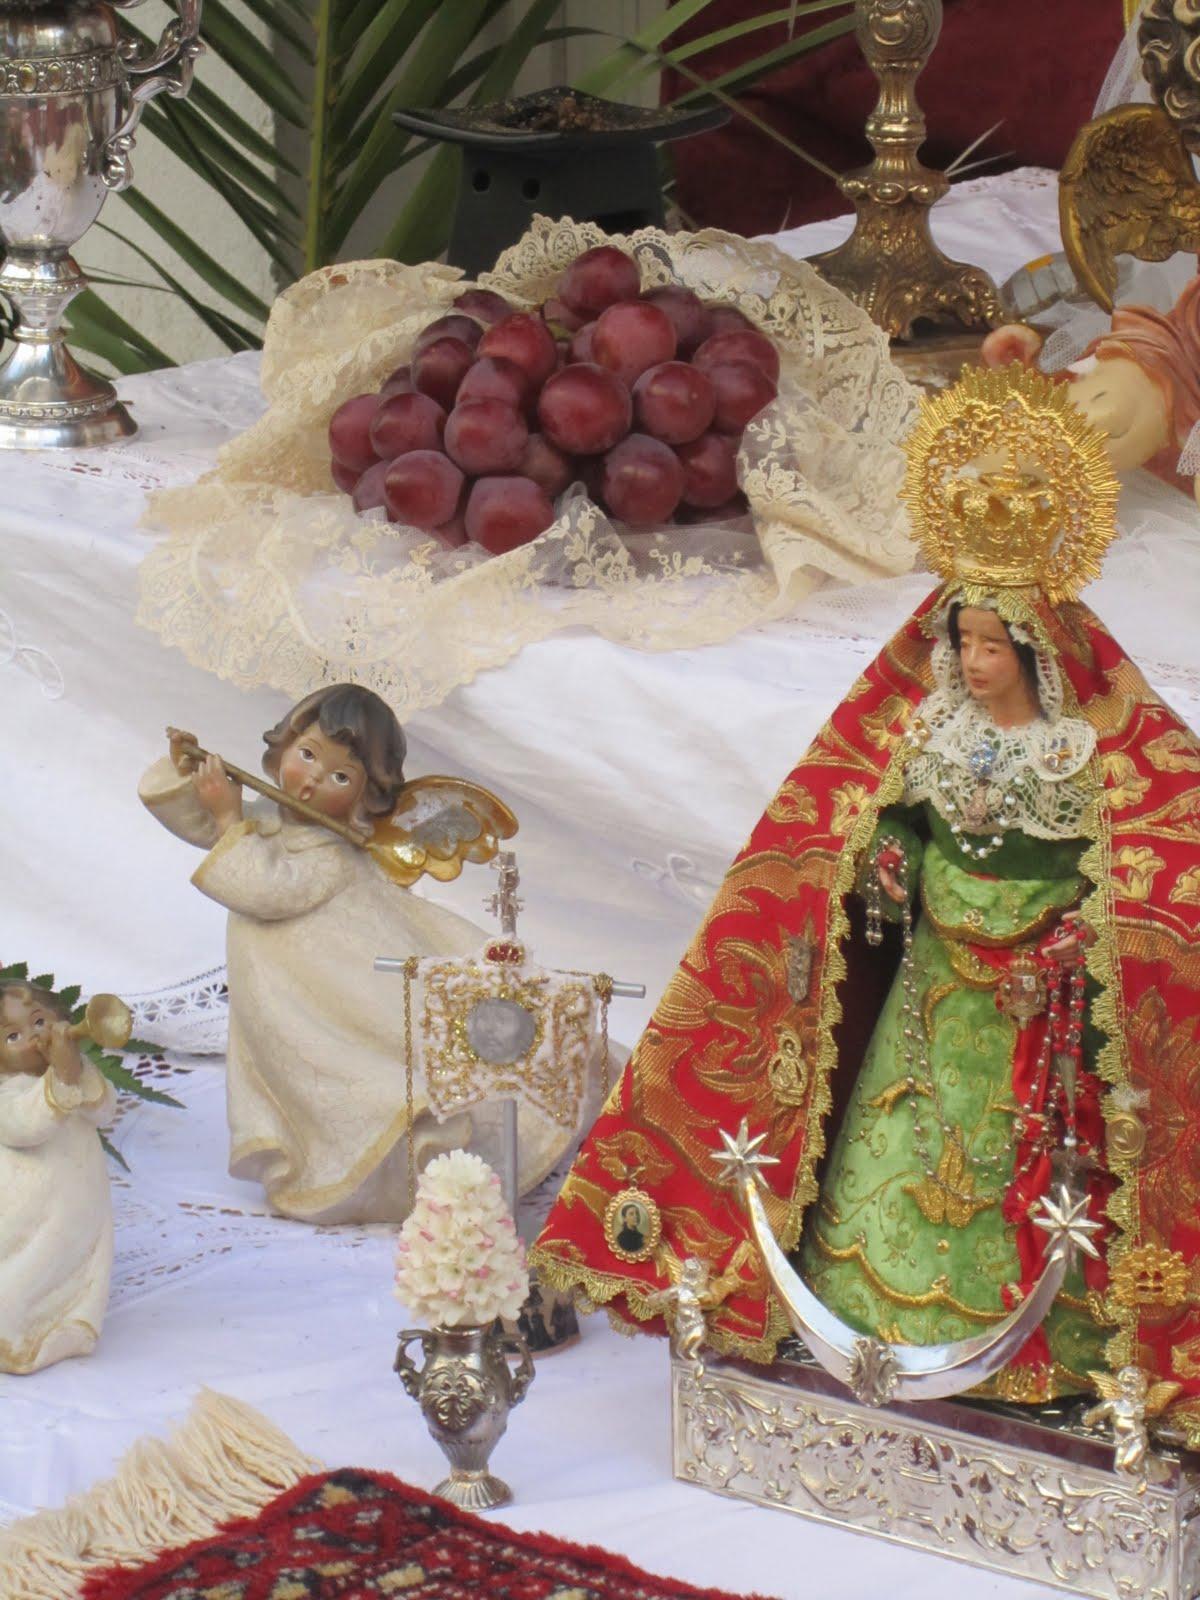 Corparacion De Hermanos De Jesus Humillado Y Cautivo M Bendecida  # Muebles Cautivo